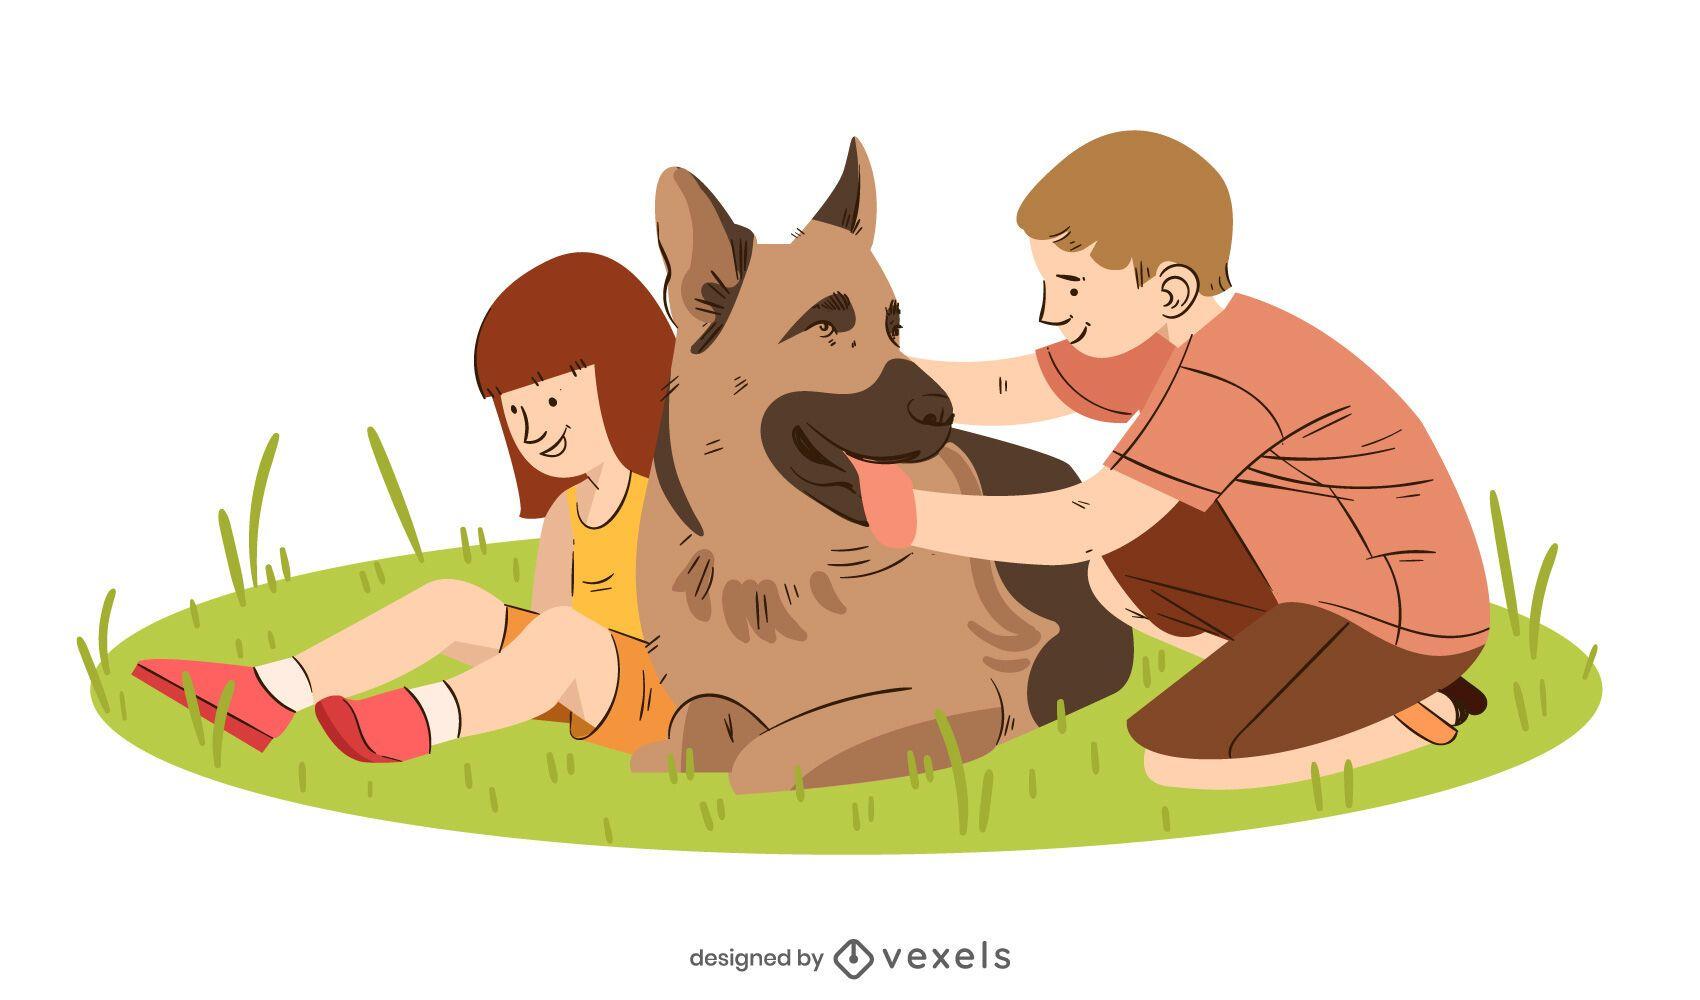 Ilustração pastor alemão crianças